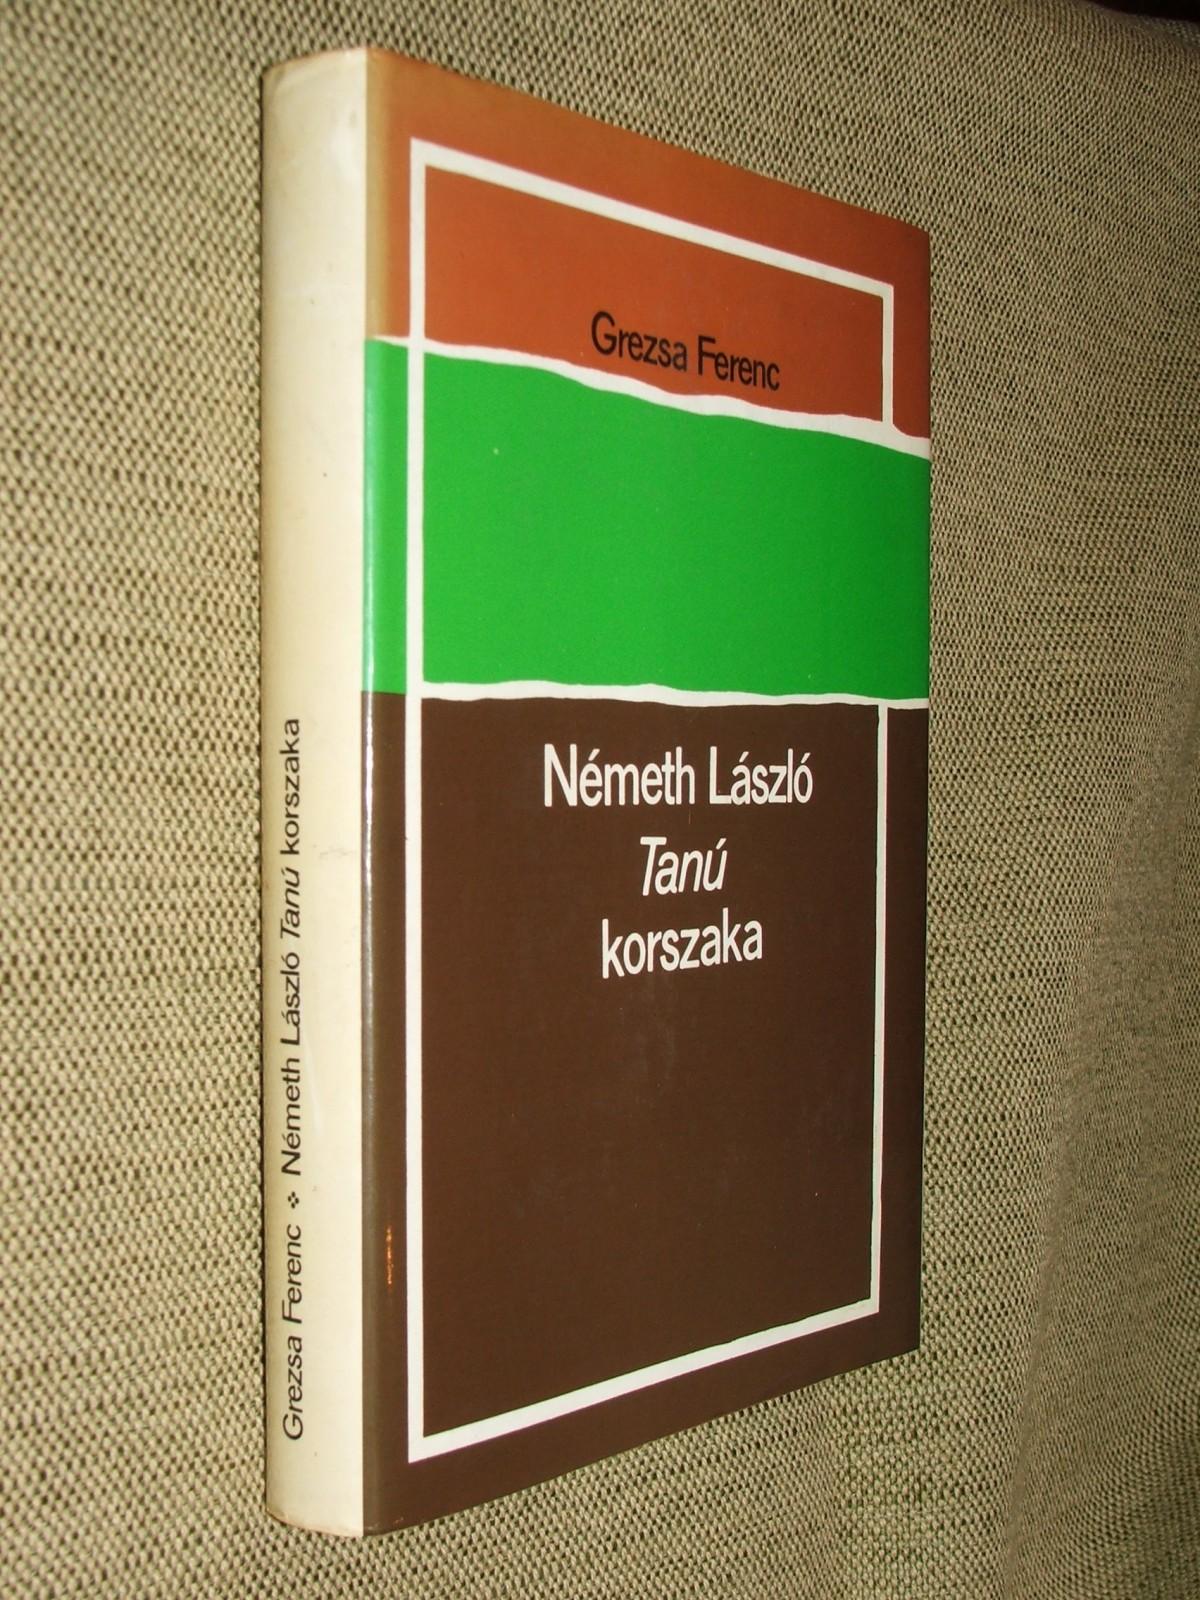 GREZSA Ferenc: Németh László Tanú-korszaka